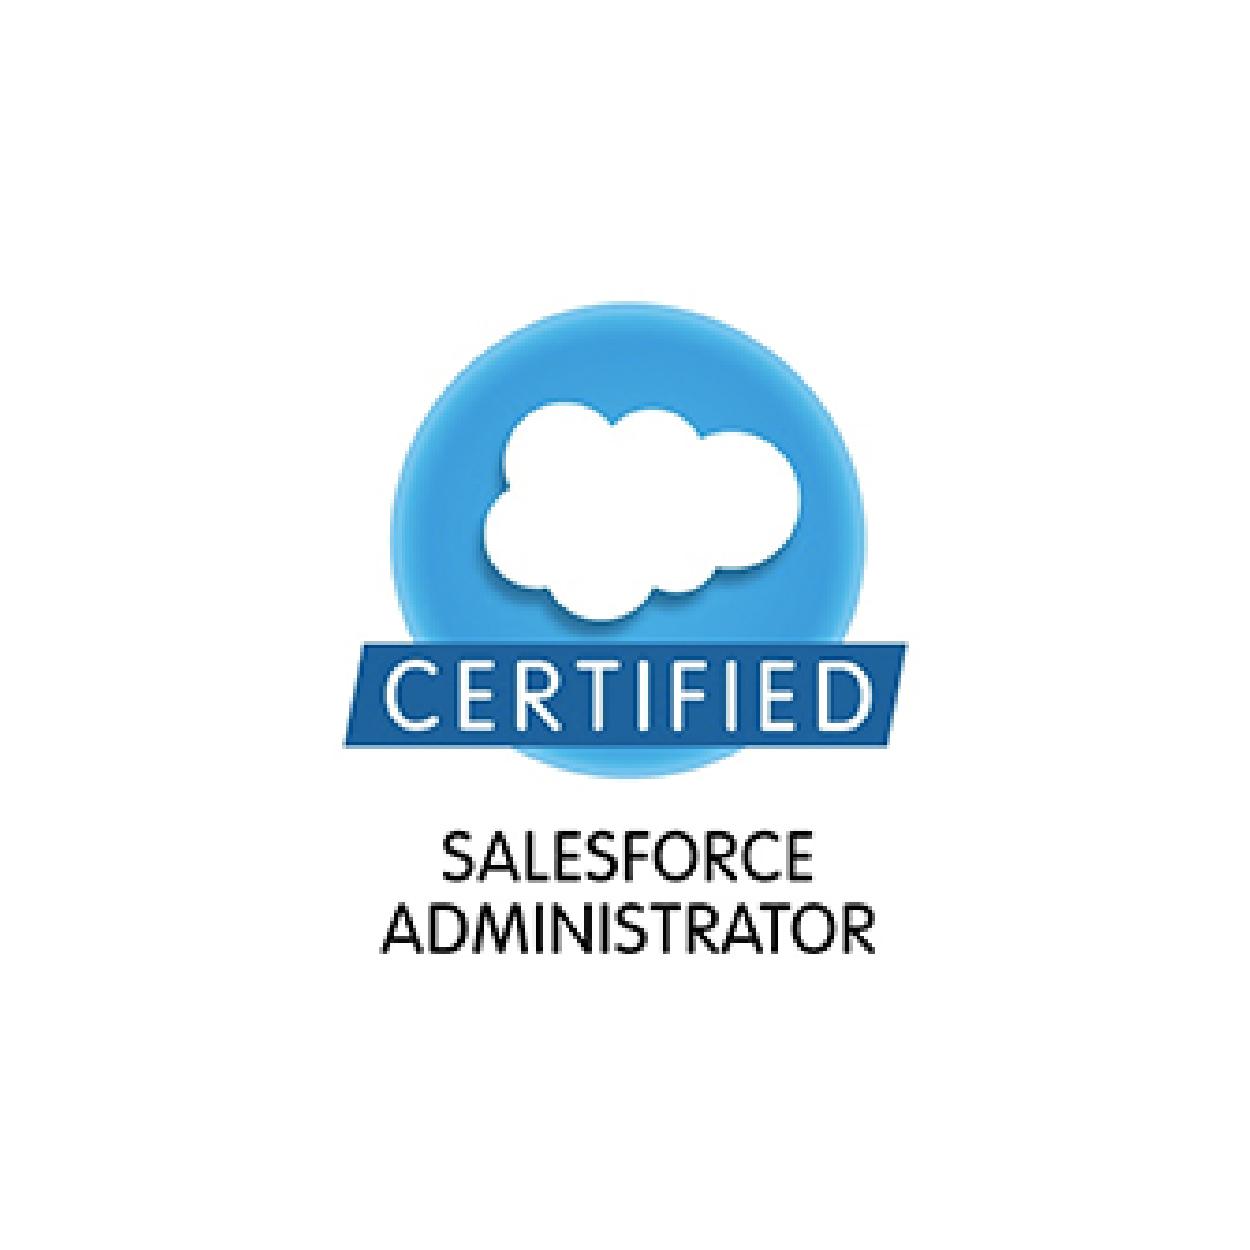 salesforce_certified-02.jpg